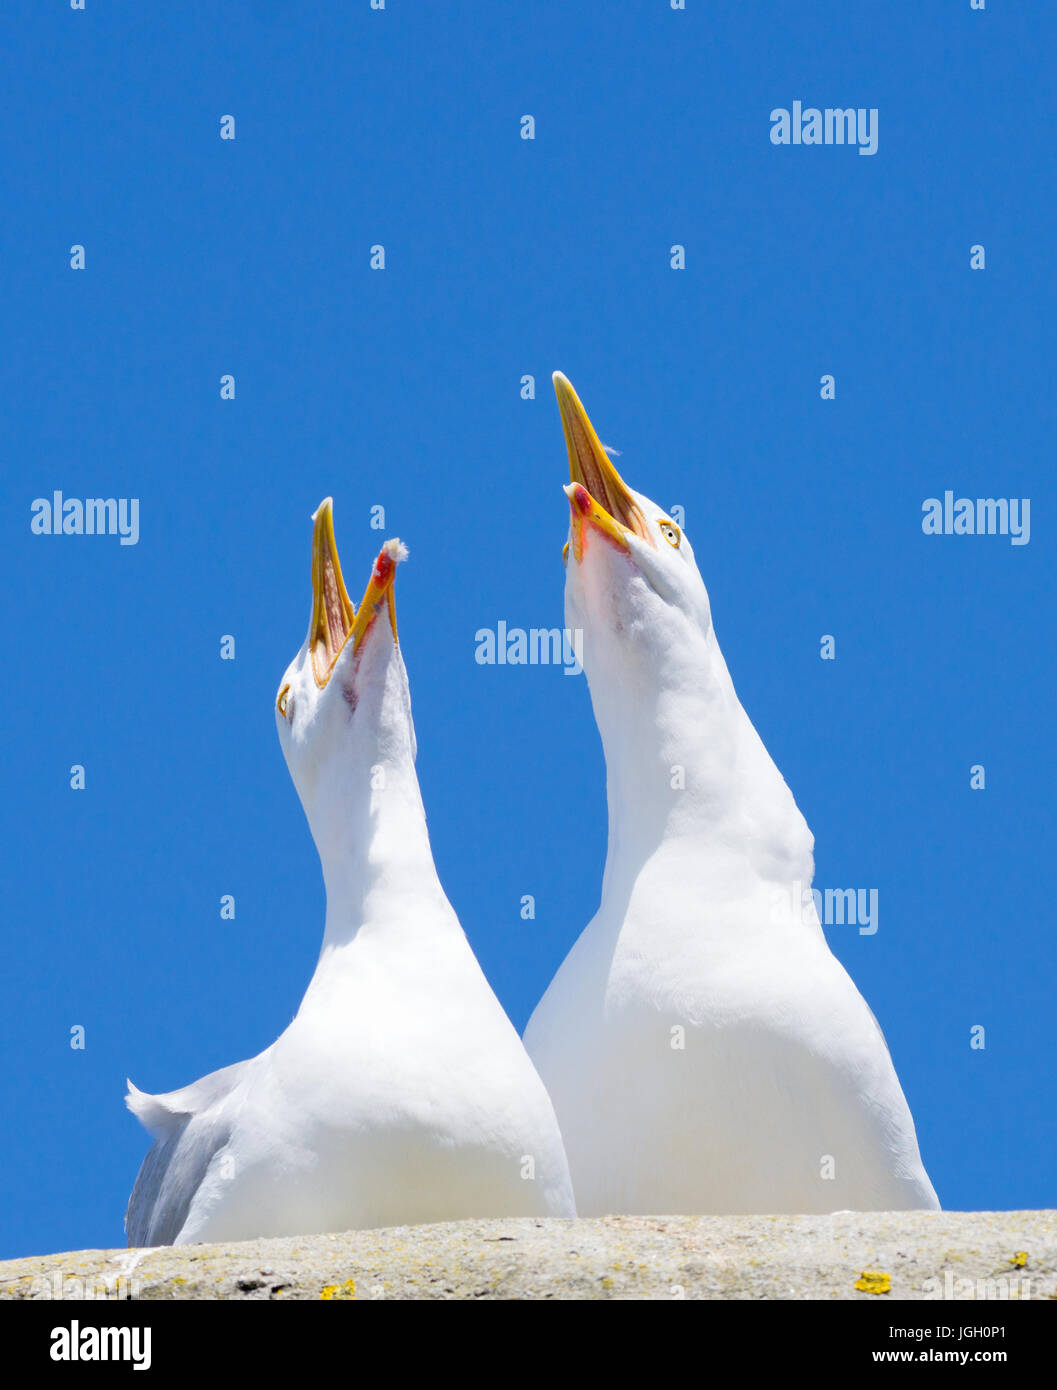 Deux mouettes oiseaux piailler bruyamment avec grand ciel bleu. Banque D'Images